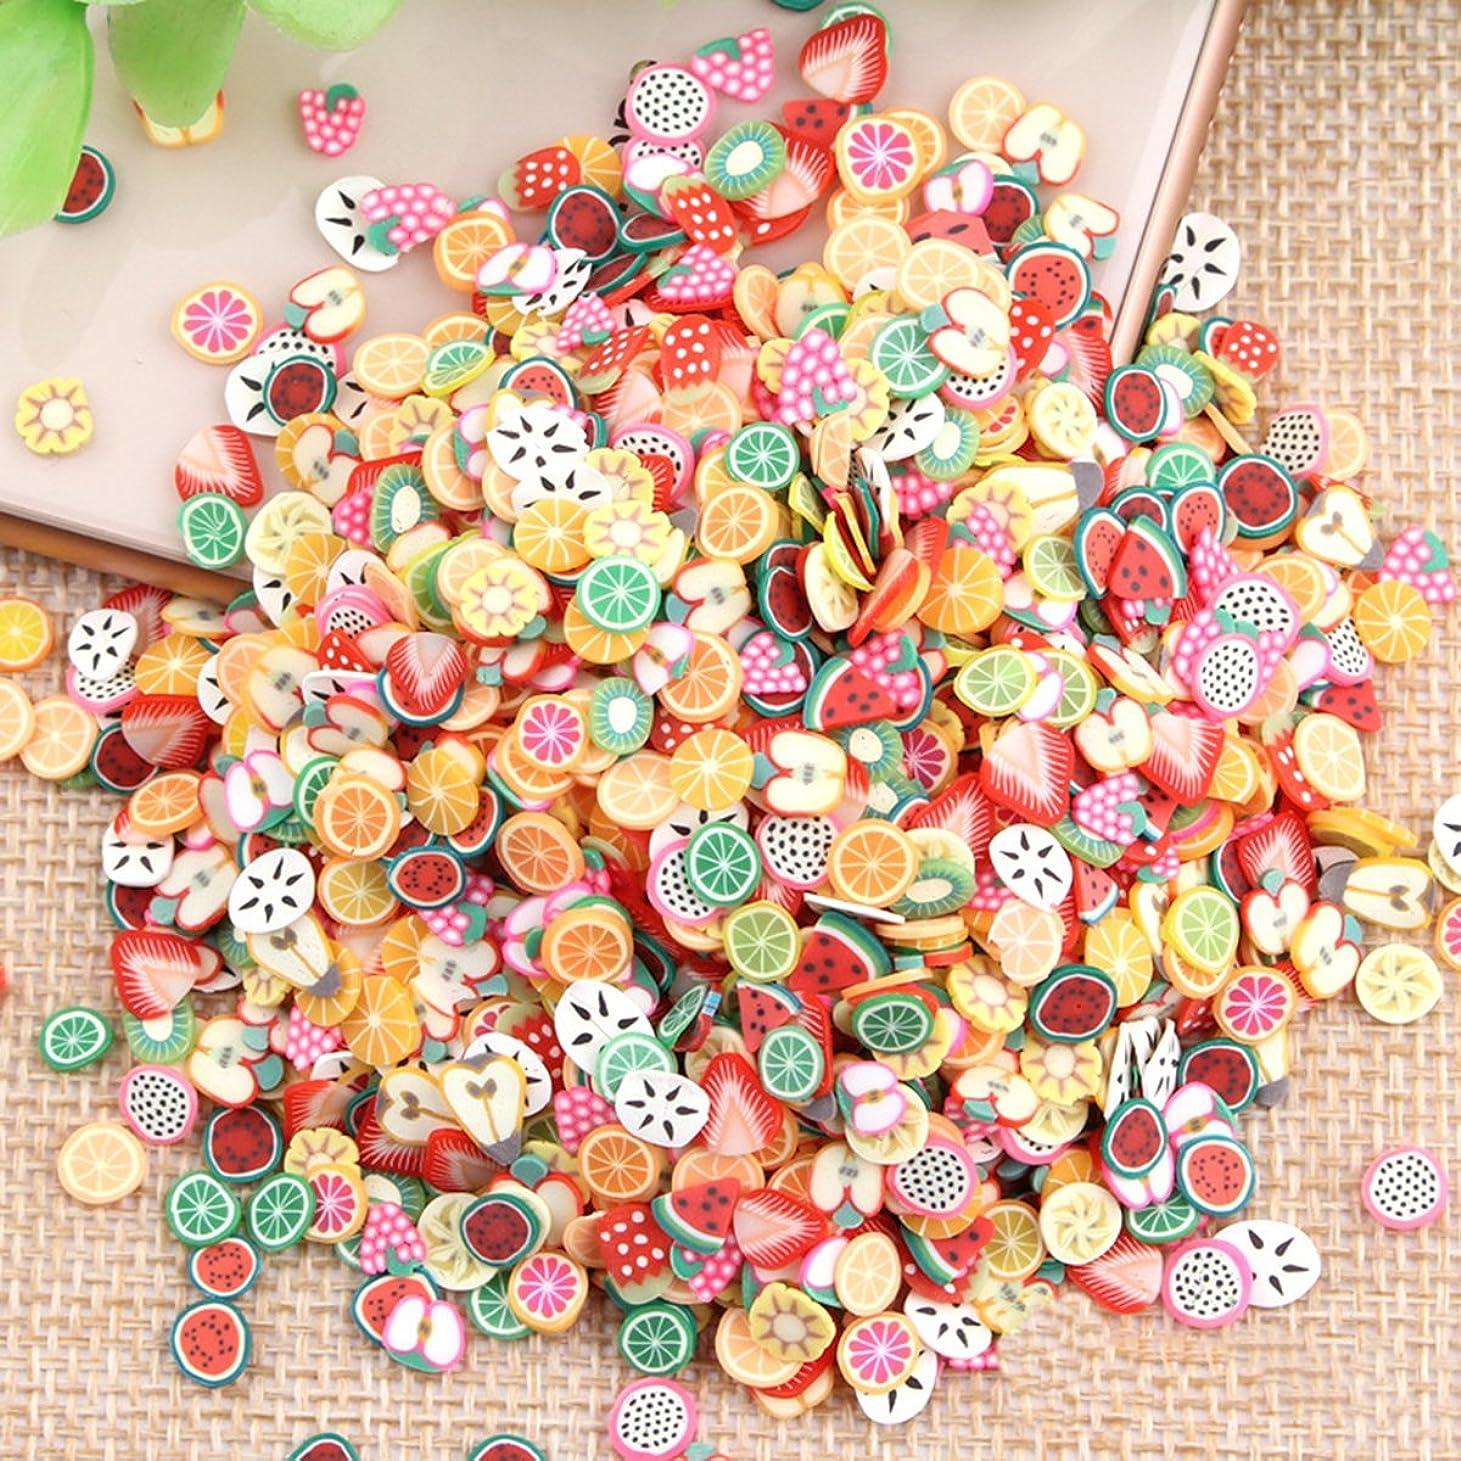 確立腐敗した領域Cikuso 1000個/バッグ Fimo 3Dフルーツ柄のスライス 飾ったネイルアートのデコレーション